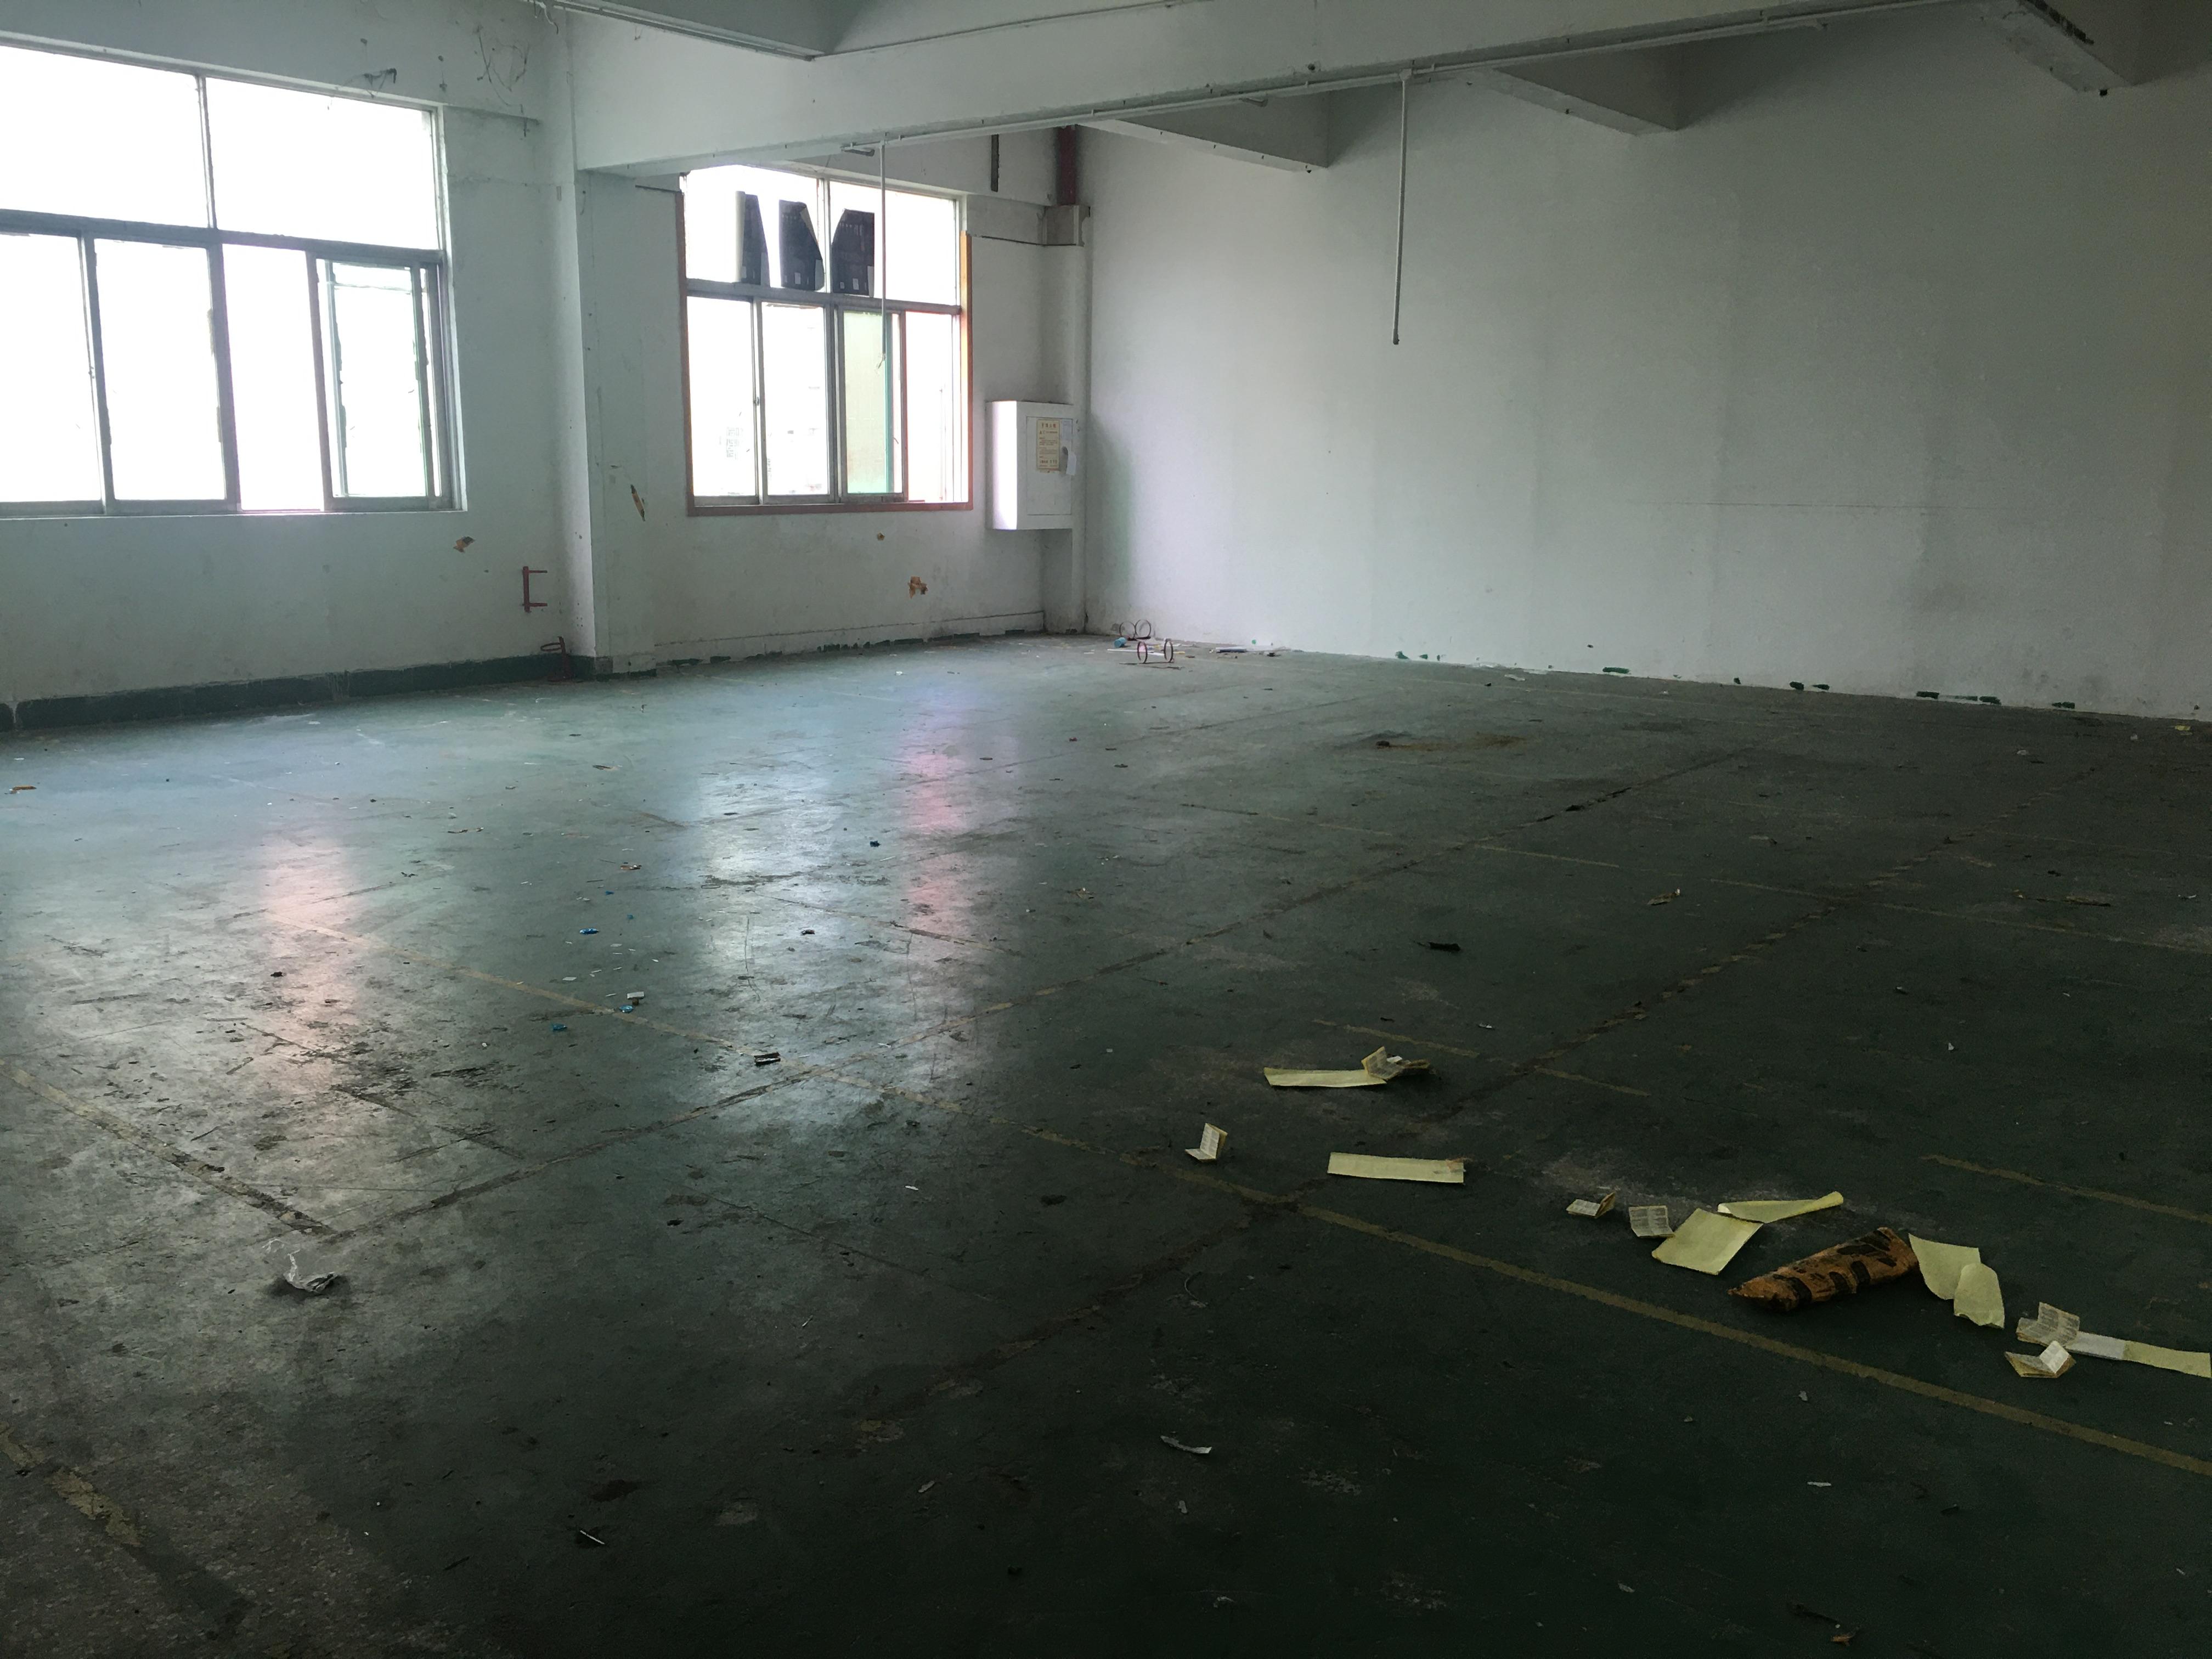 深圳工业园厂房小面积可生产可办公可仓库